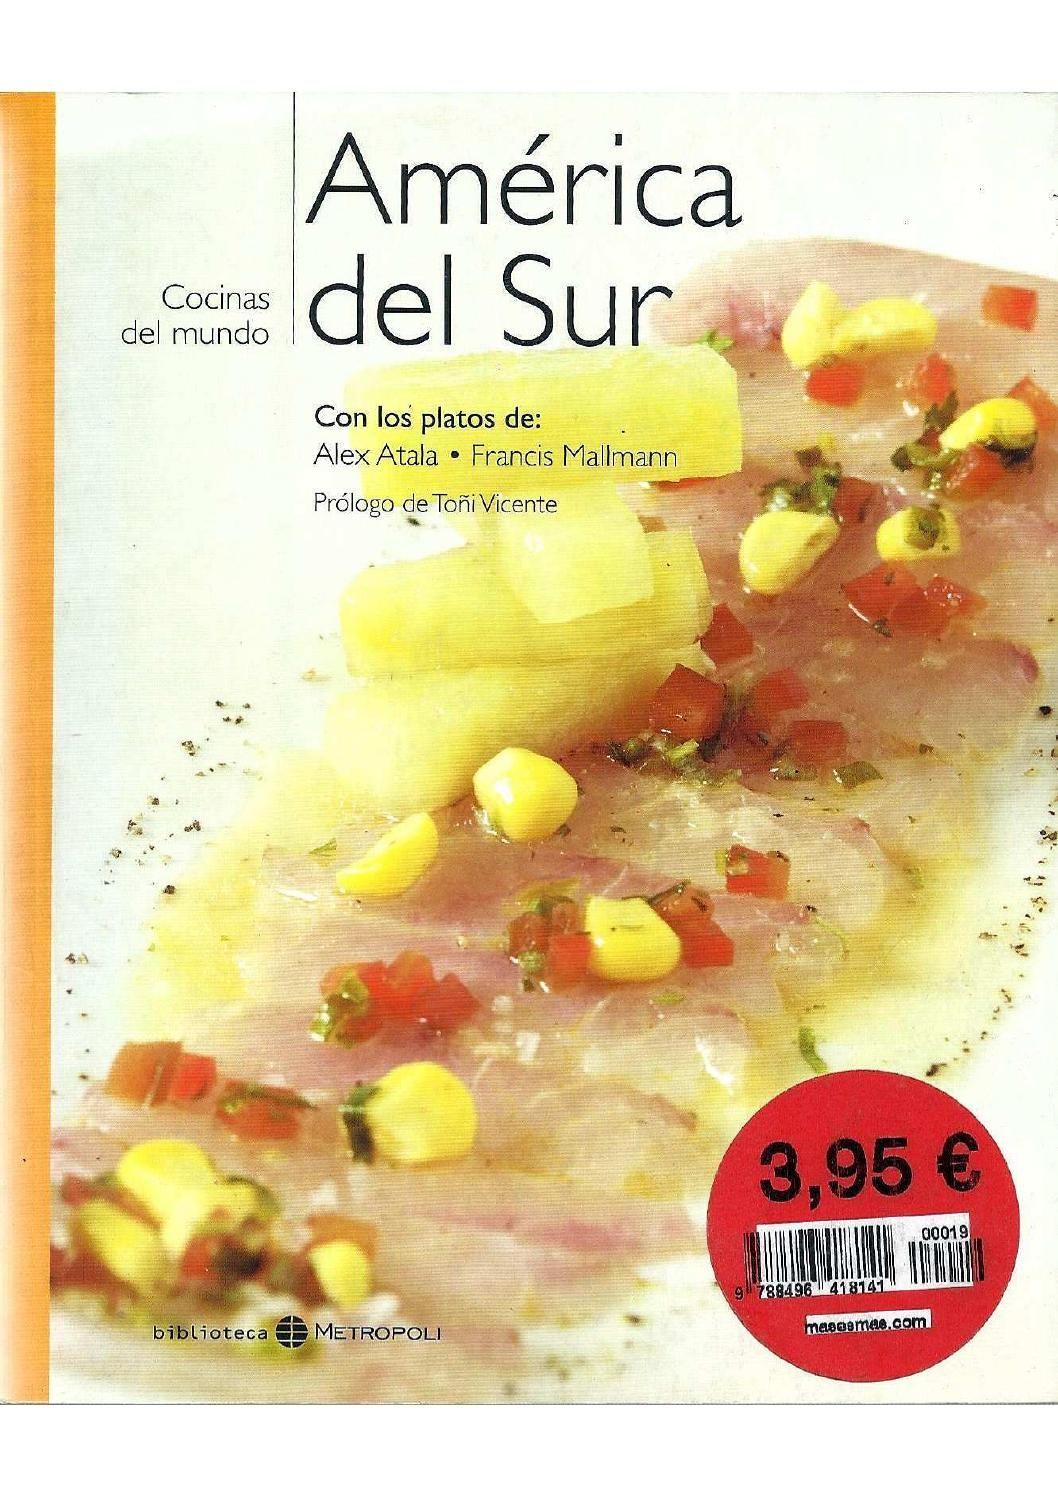 América del sur cookbook   Libros, Revistas y Libros de recetas